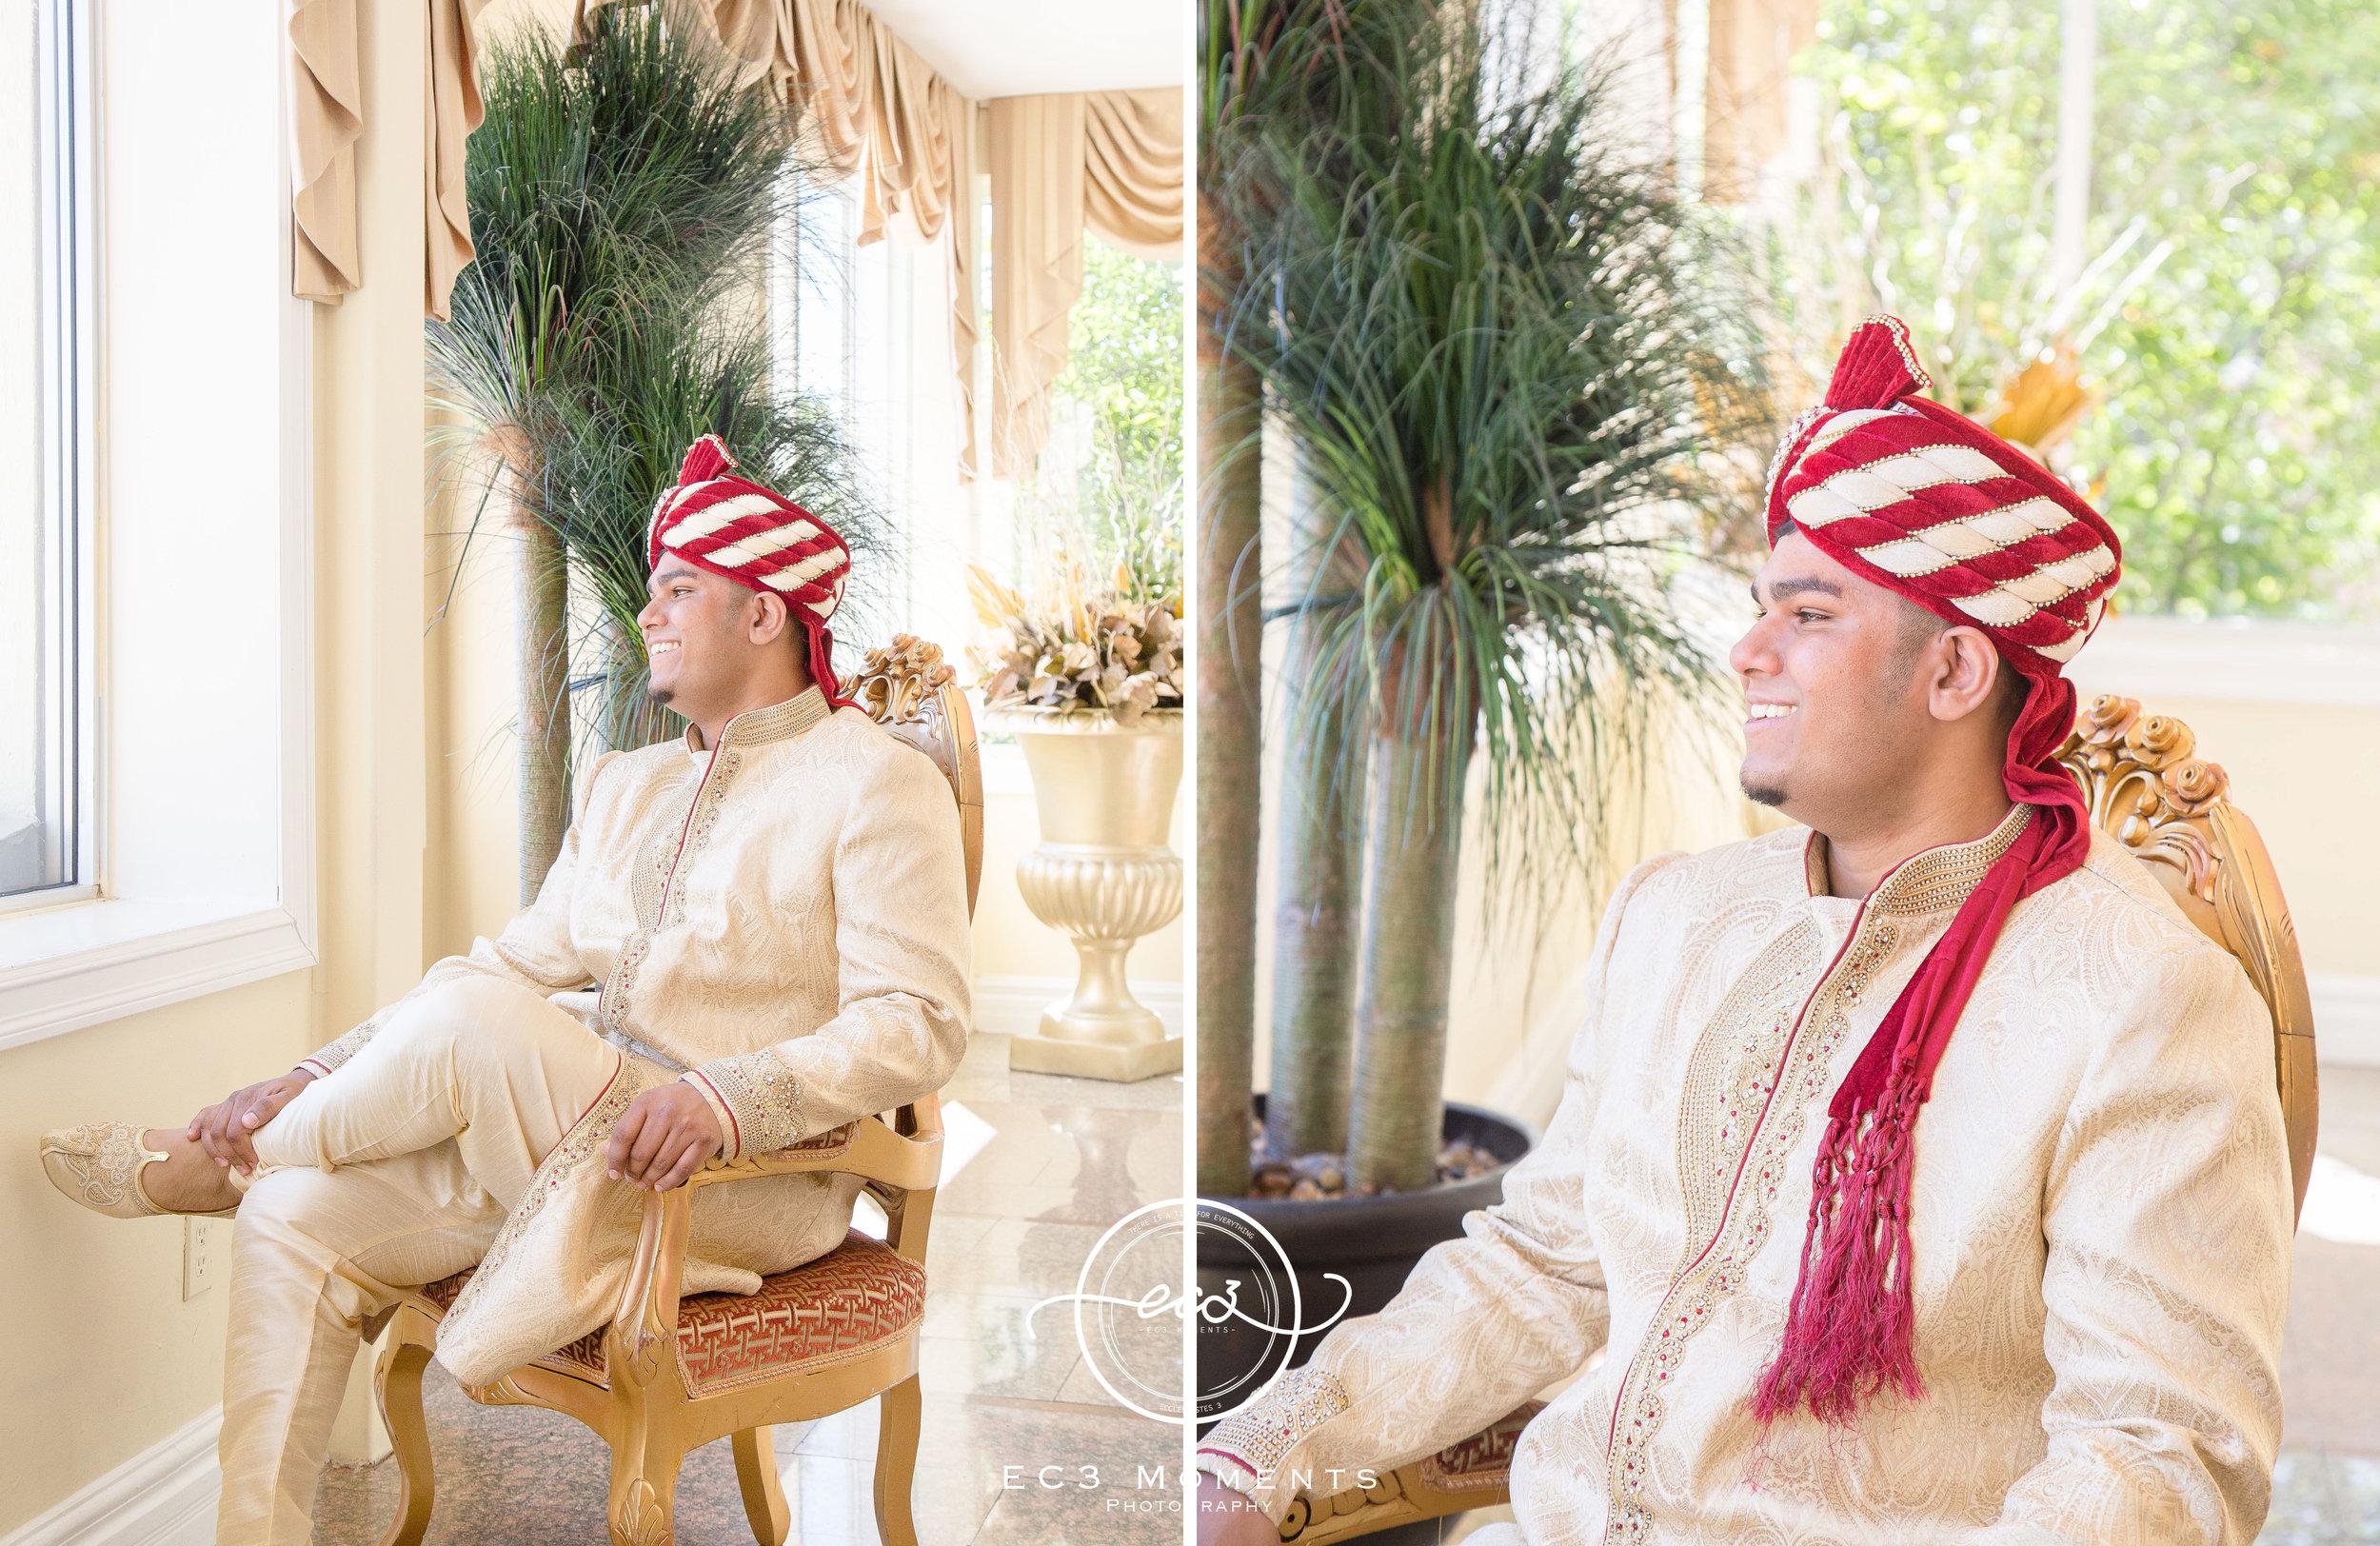 Dolly & Paul Sagan Hindu Wedding Day One 4.jpg